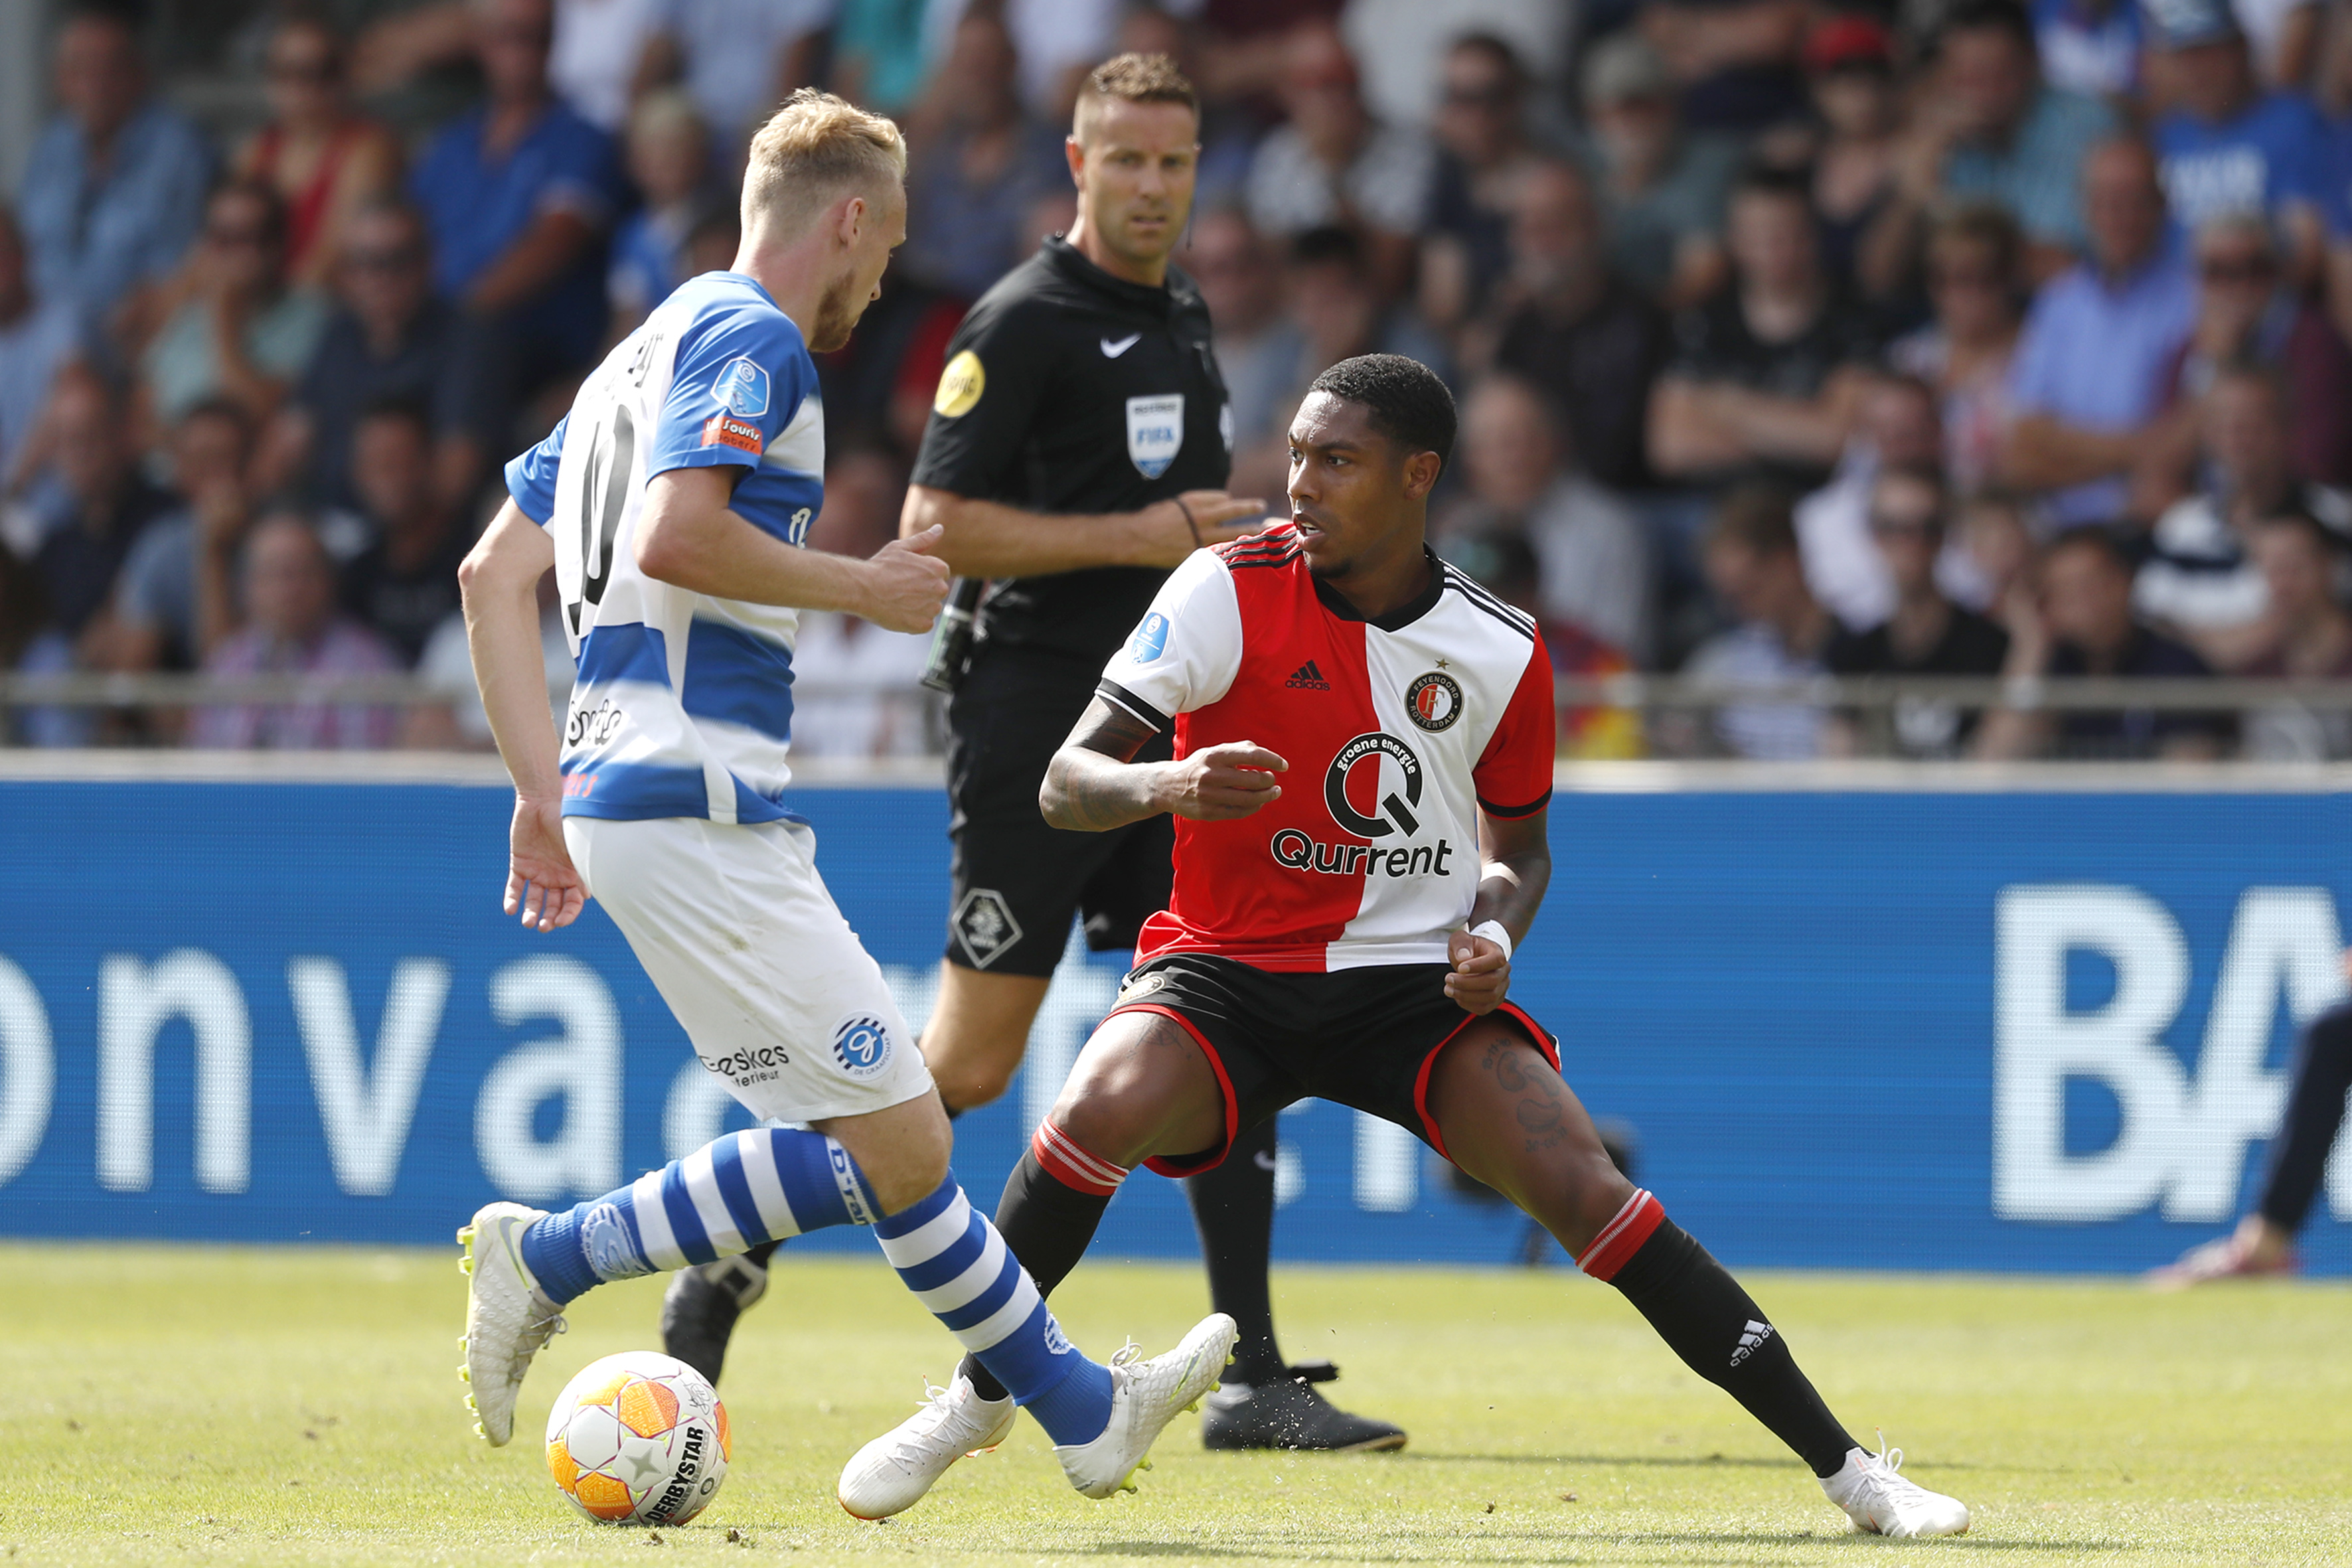 Soi-keo-Feyenoord-vs-Darmstadt